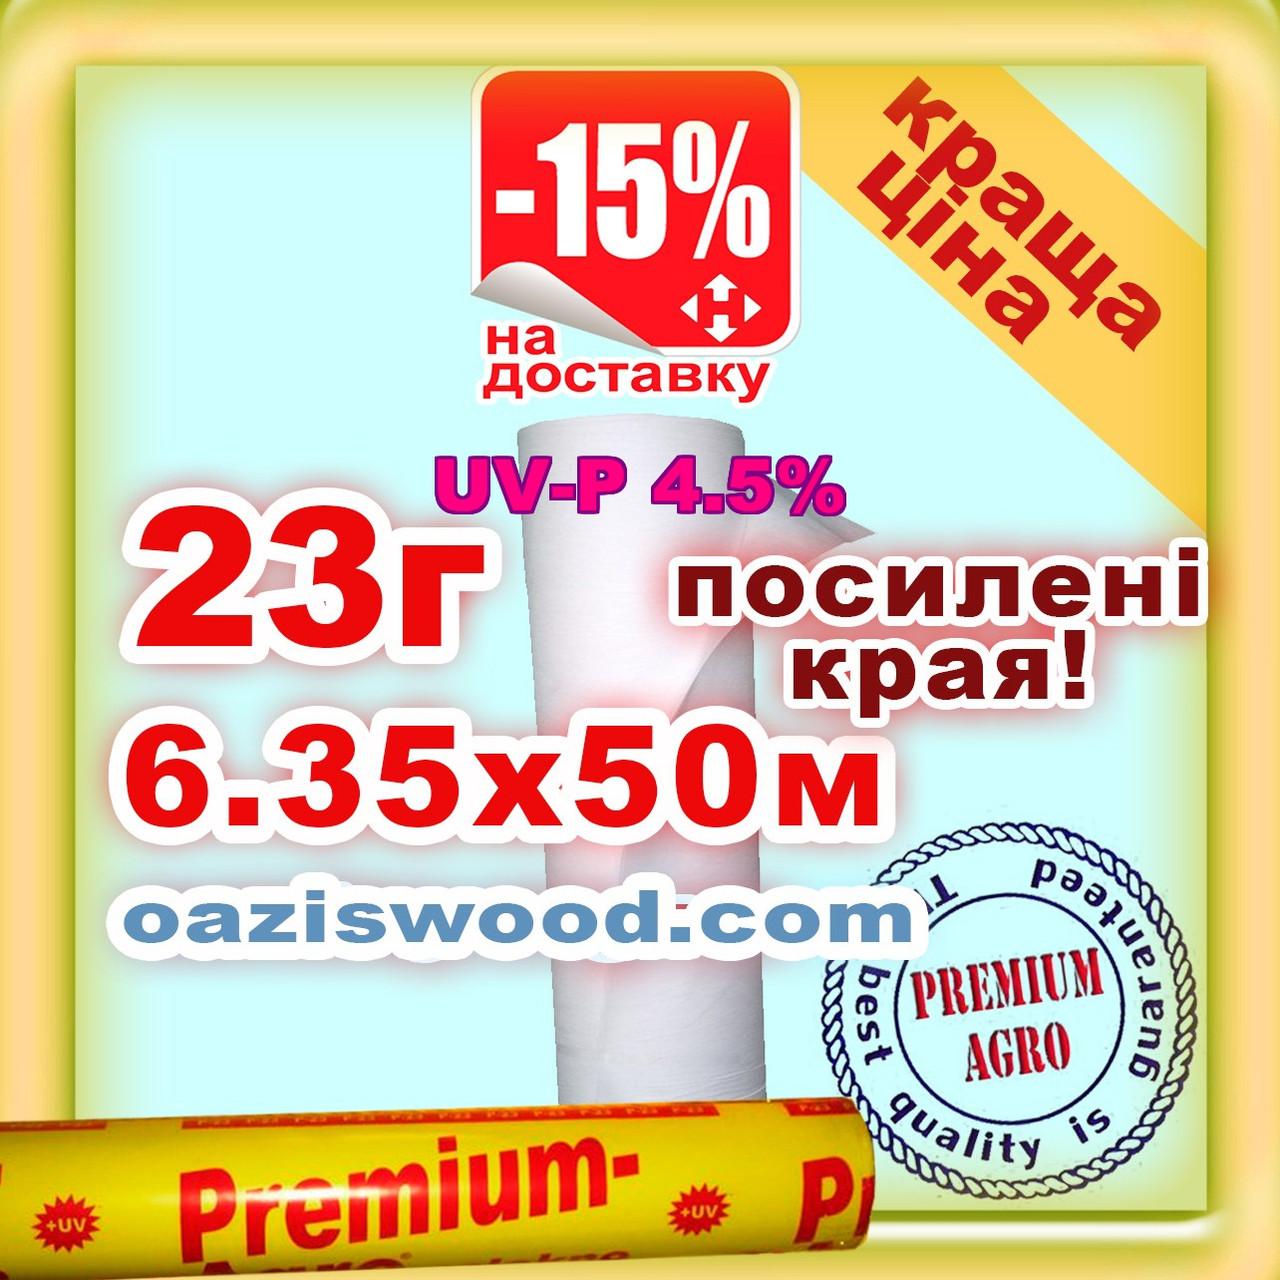 Агроволокно р-23g 6.35*50м белое UV-P 4.5% Premium-Agro Польша усиленные края